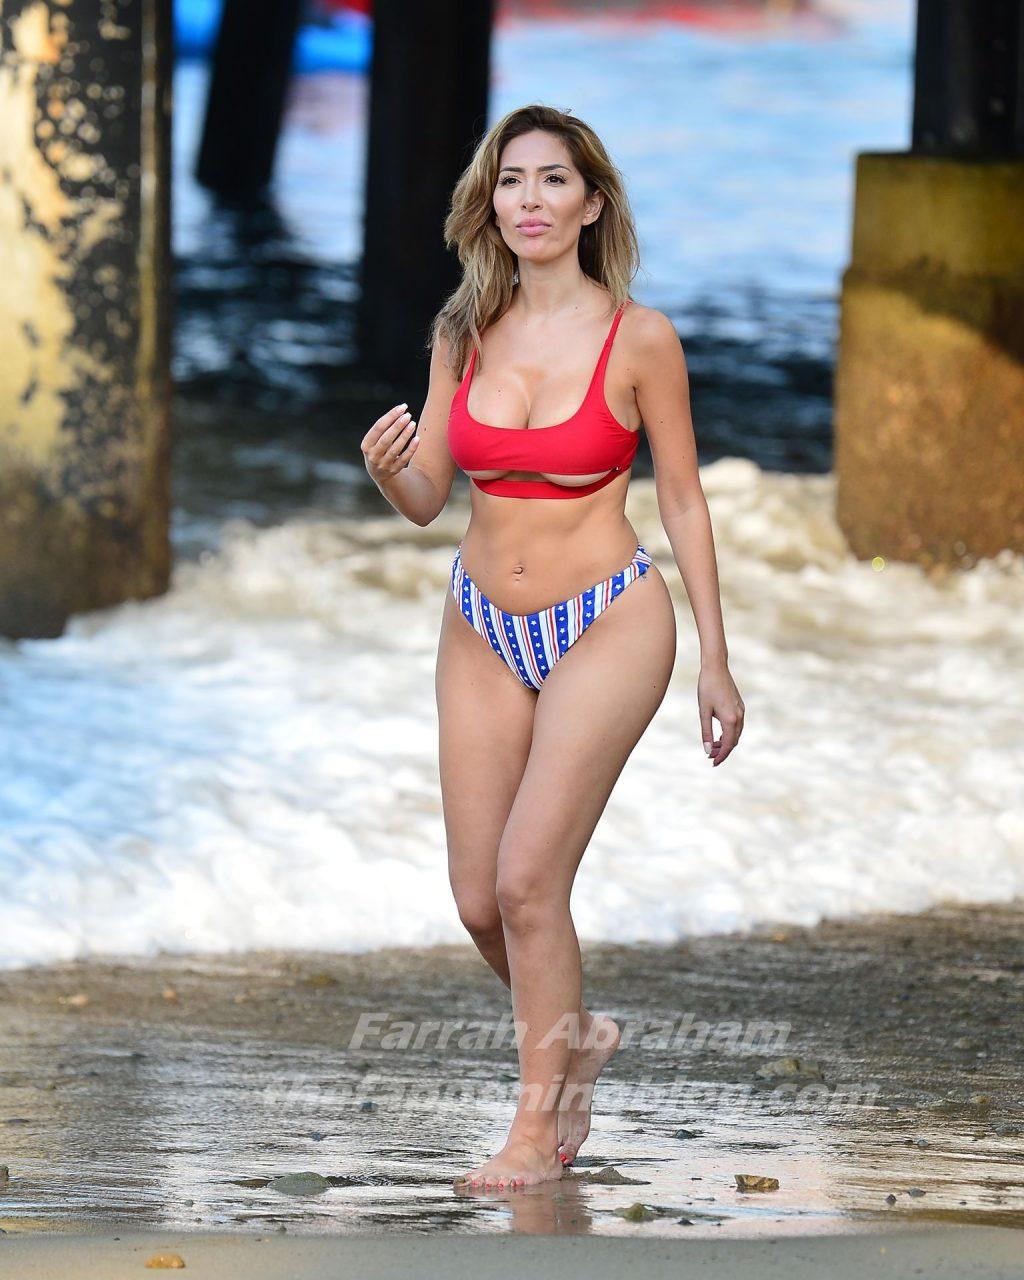 Farrah Abraham Frolics Catalina Island in a Labor Day Inspired Bikini (22 Photos)